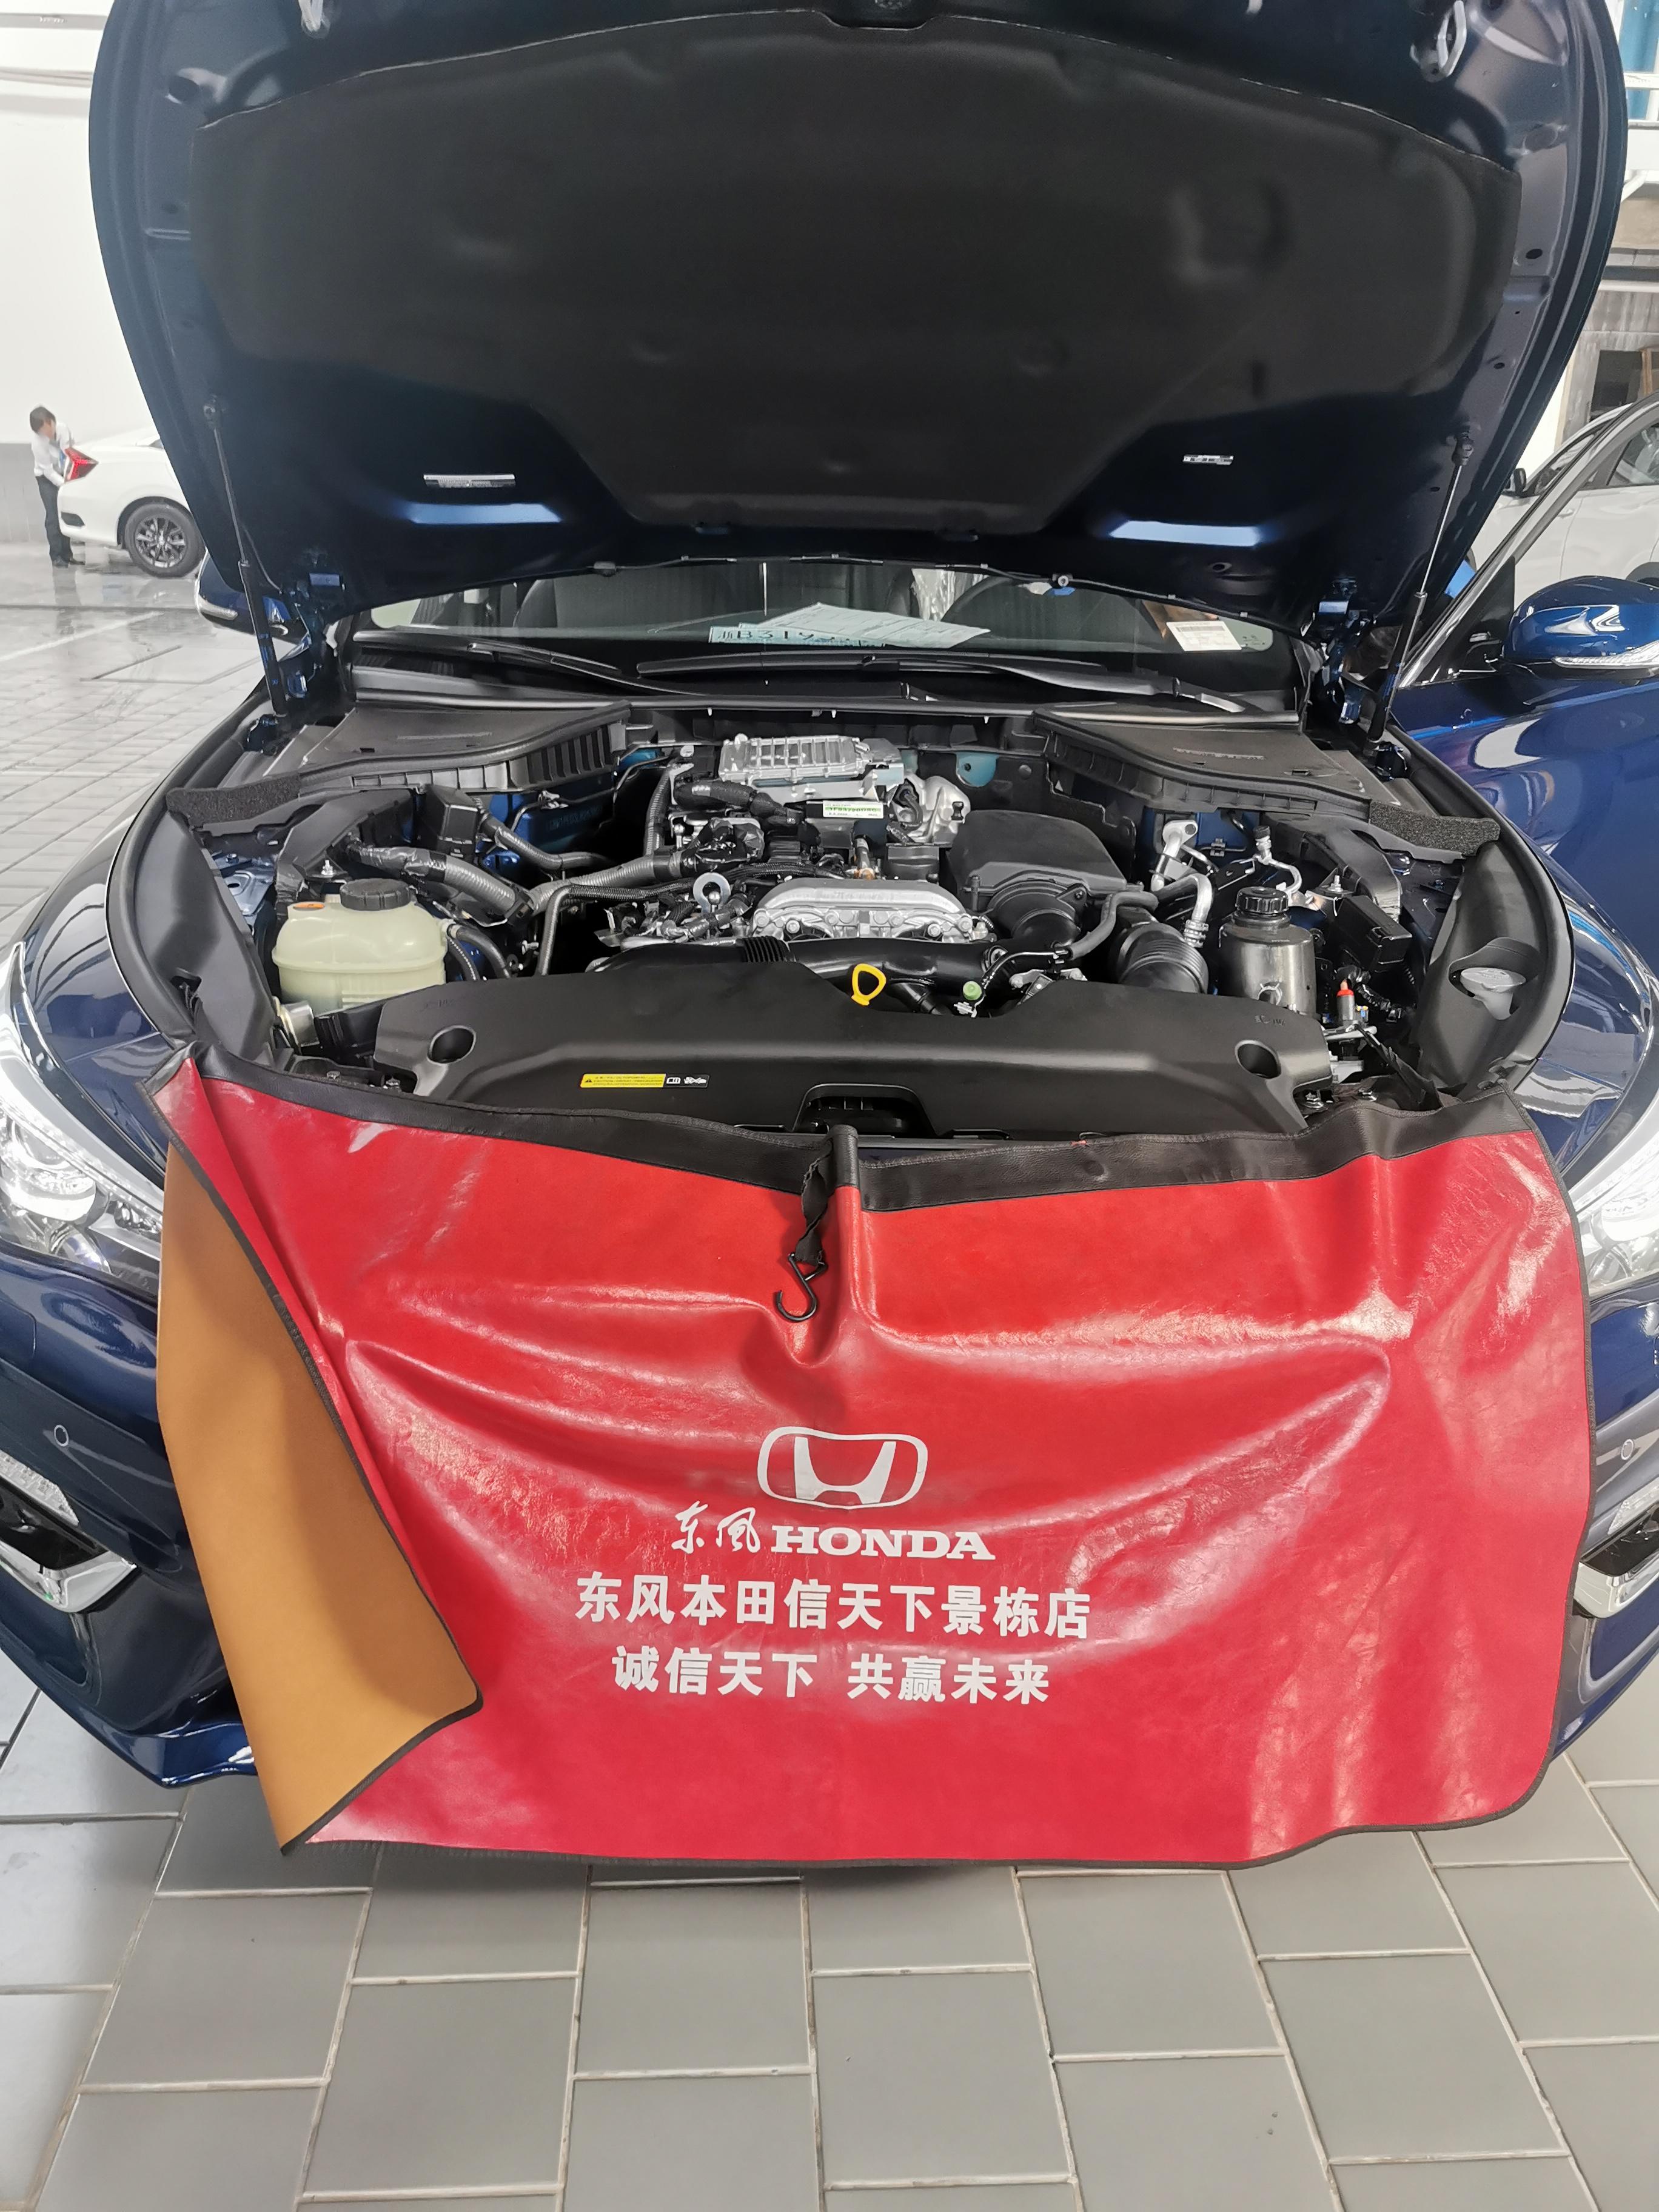 英菲尼迪-英菲尼迪Q50L 新买的车不到24小时,发动机故障灯就亮了